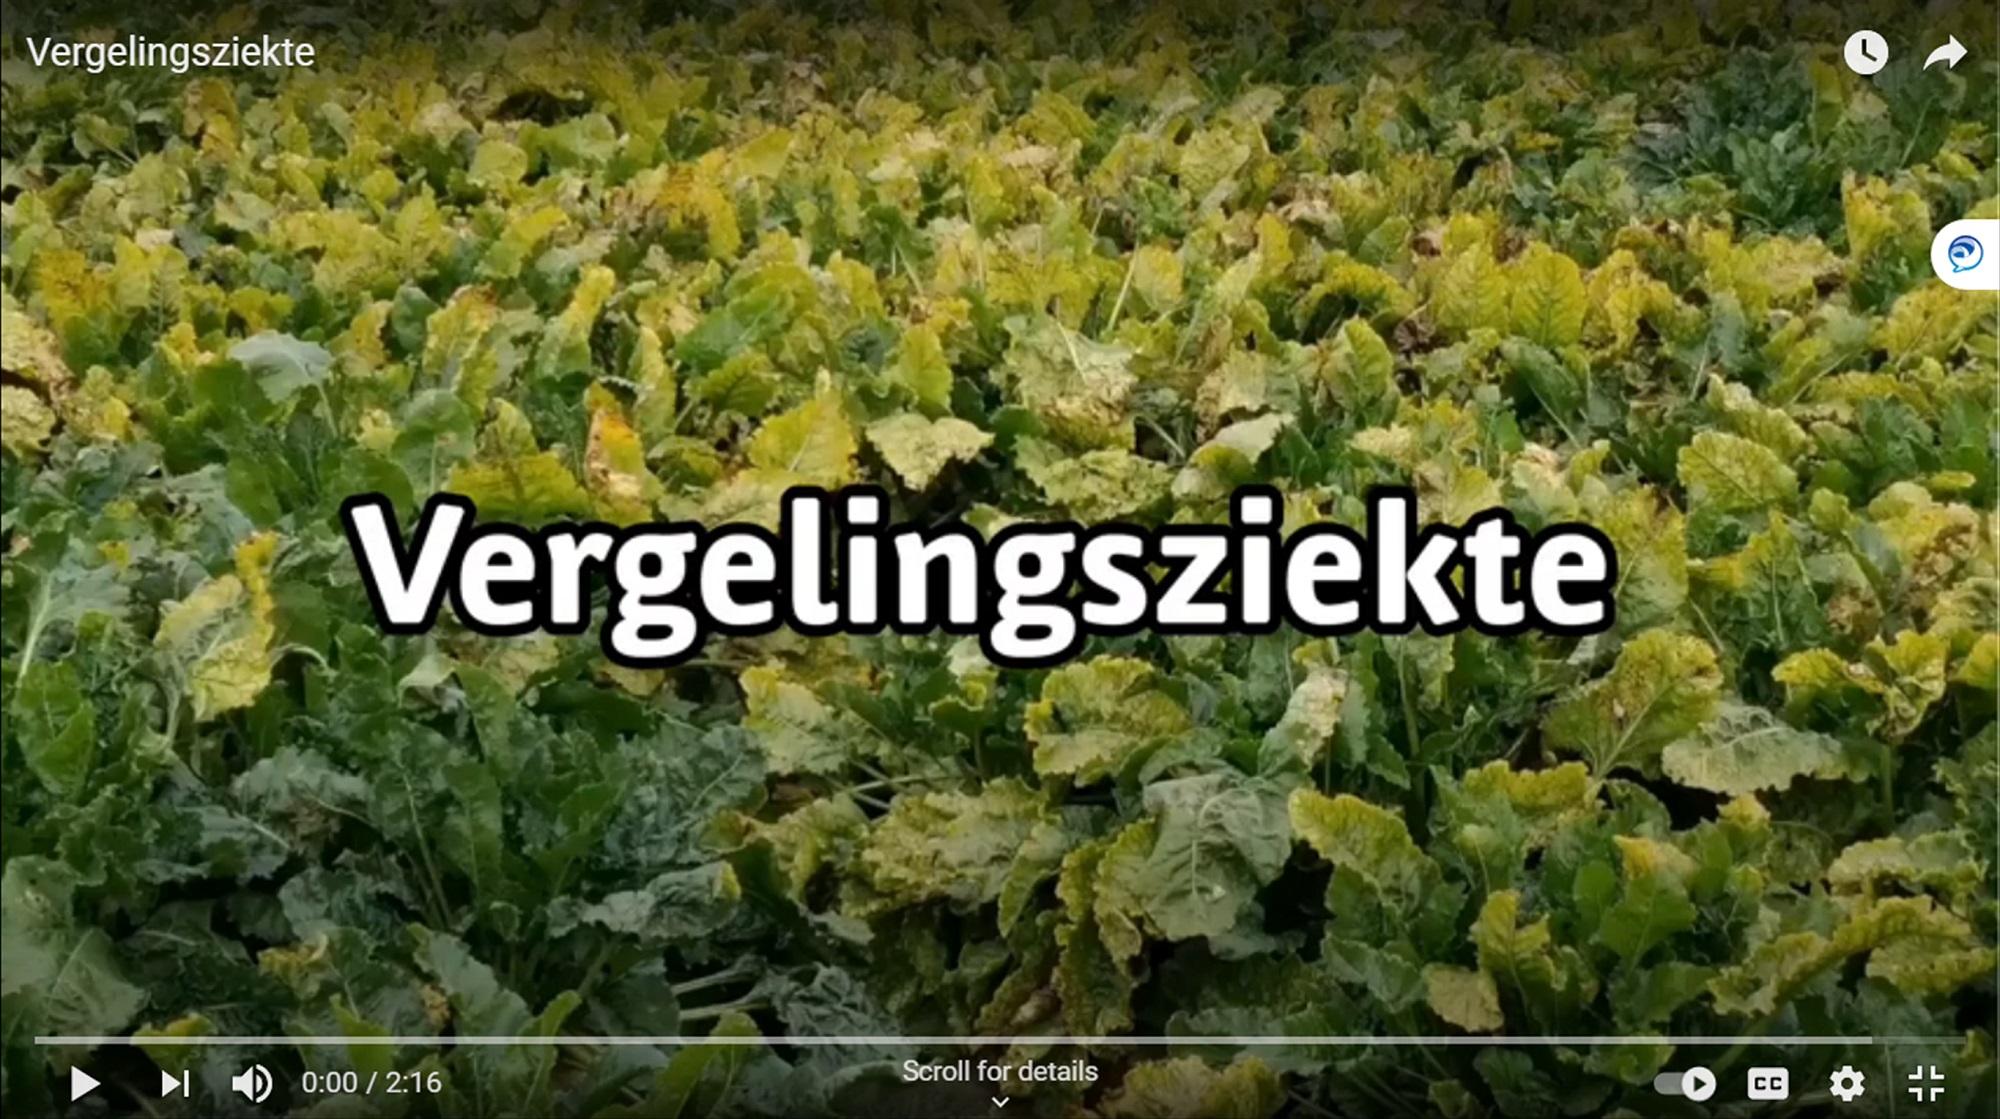 Video 'Vergelingsziekte'